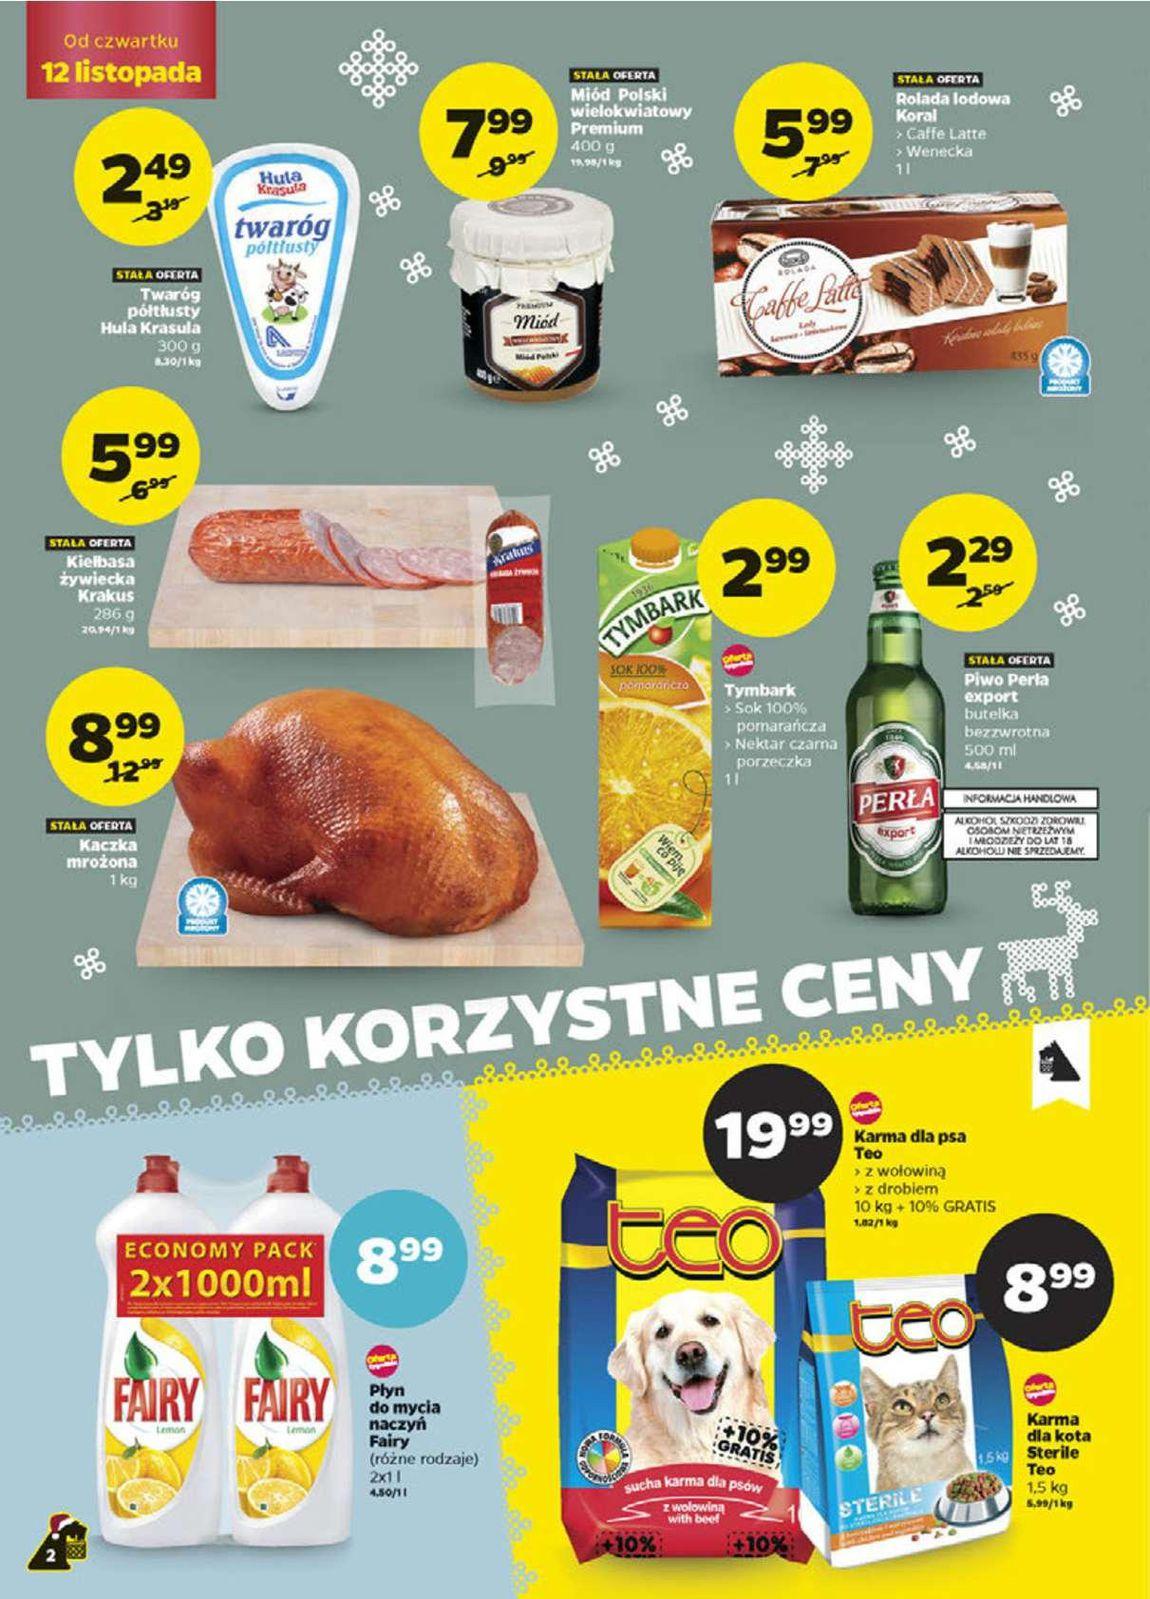 Gazetka promocyjna Netto do 15/11/2015 str.1